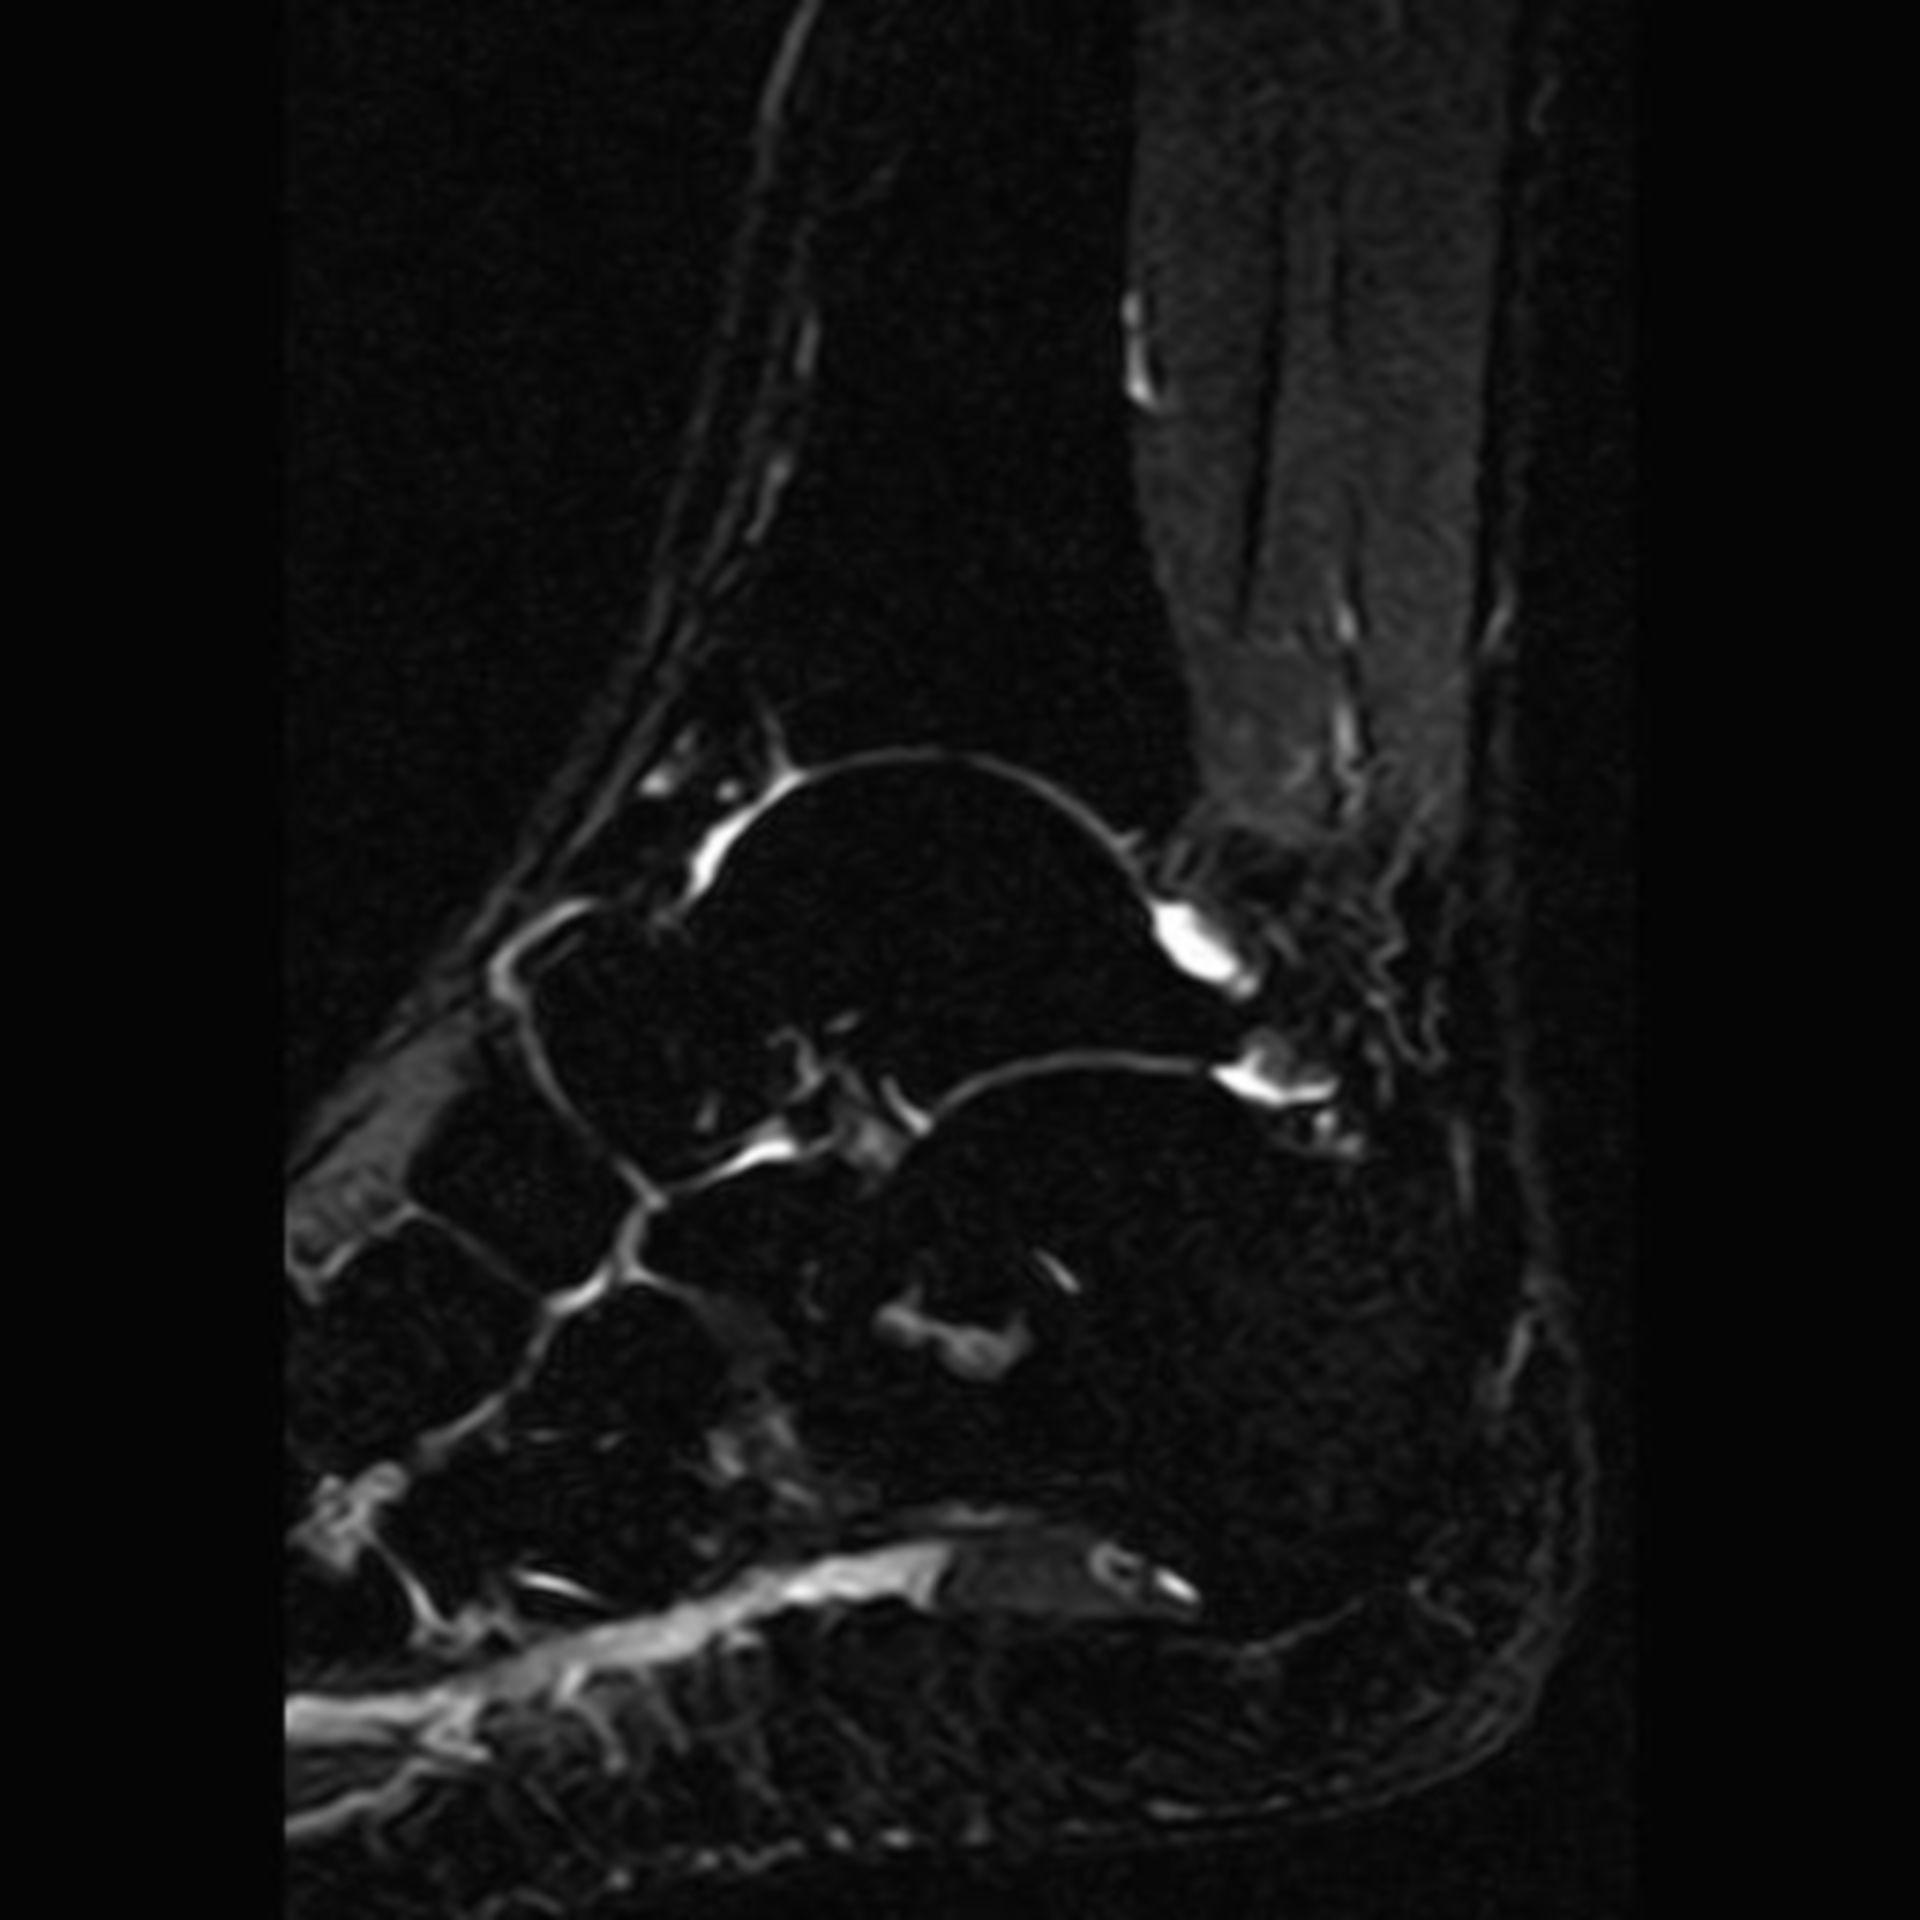 IRM del calcaneo STIR sag S3 I8